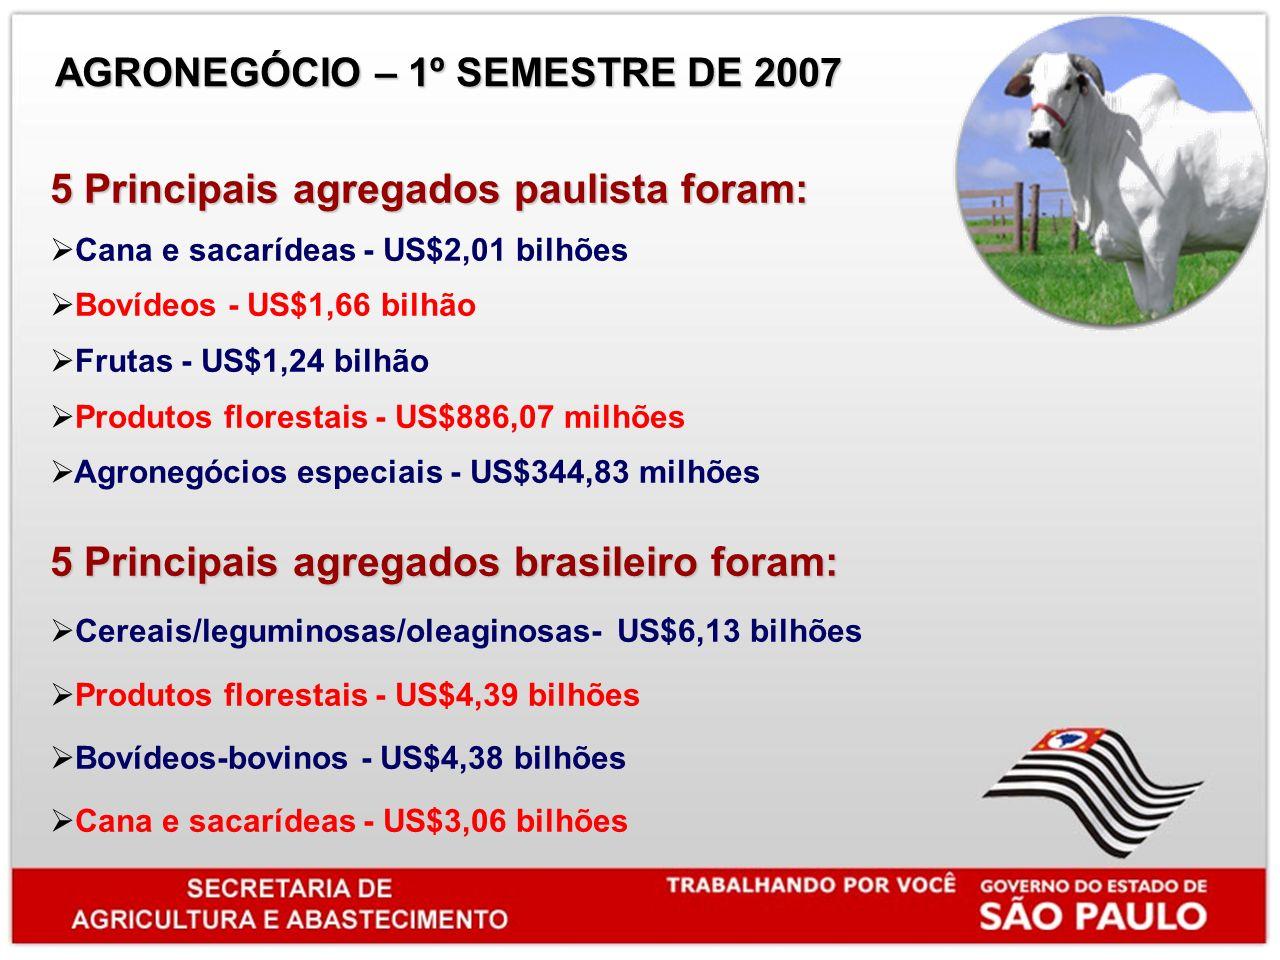 5 Principais agregados paulista foram: Cana e sacarídeas - US$2,01 bilhões Bovídeos - US$1,66 bilhão Frutas - US$1,24 bilhão Produtos florestais - US$886,07 milhões Agronegócios especiais - US$344,83 milhões 5 Principais agregados brasileiro foram: Cereais/leguminosas/oleaginosas- US$6,13 bilhões Produtos florestais - US$4,39 bilhões Bovídeos-bovinos - US$4,38 bilhões Cana e sacarídeas - US$3,06 bilhões